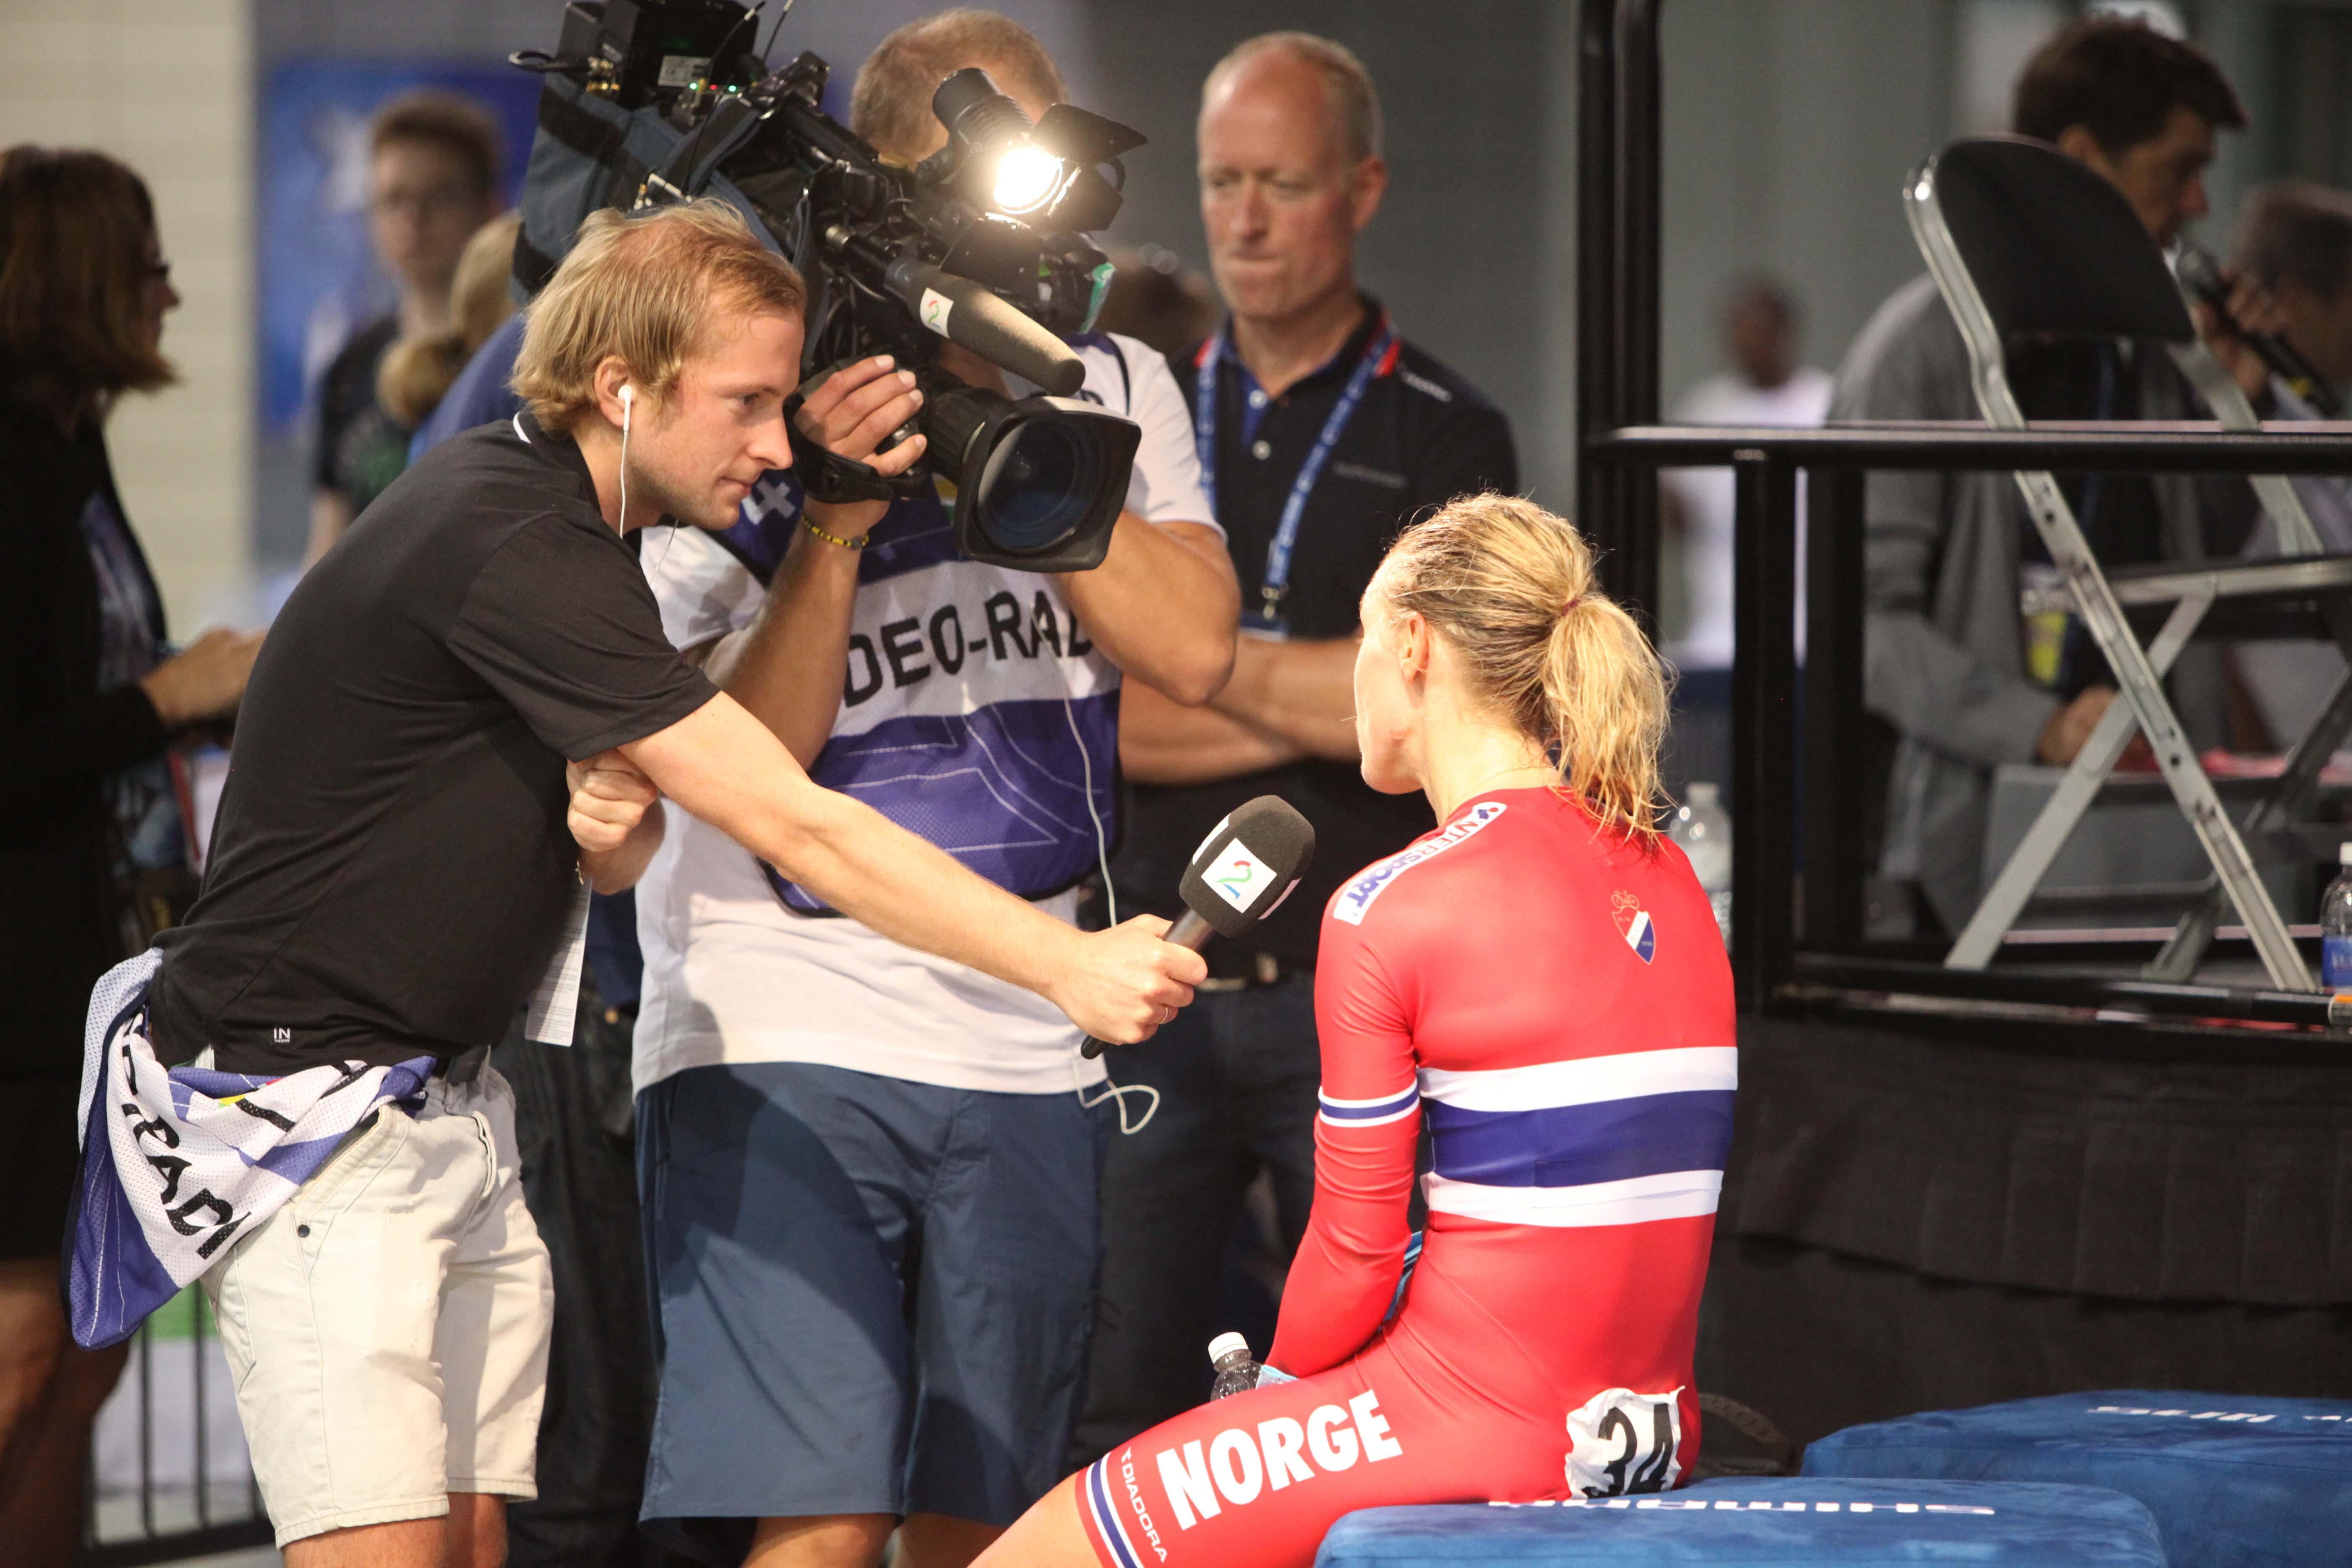 Mer oppmerksomhet? Med WorldTour også for jentene, blir det trolig mer oppmerksomhet rundt kvinnesykling. Foto: Kjetil R. Anda / Sykkelmagasinet